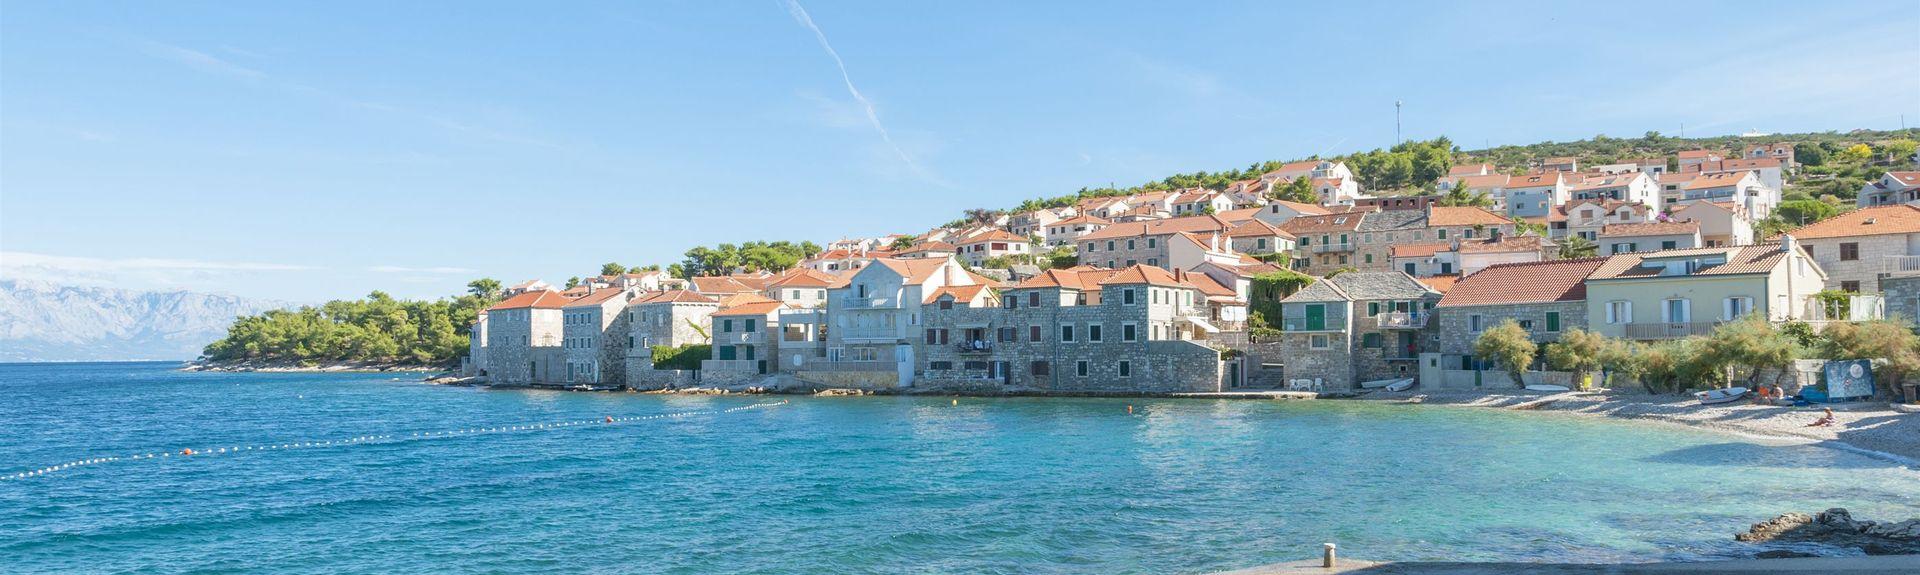 Milna, Split-Dalmatia County, Croatia